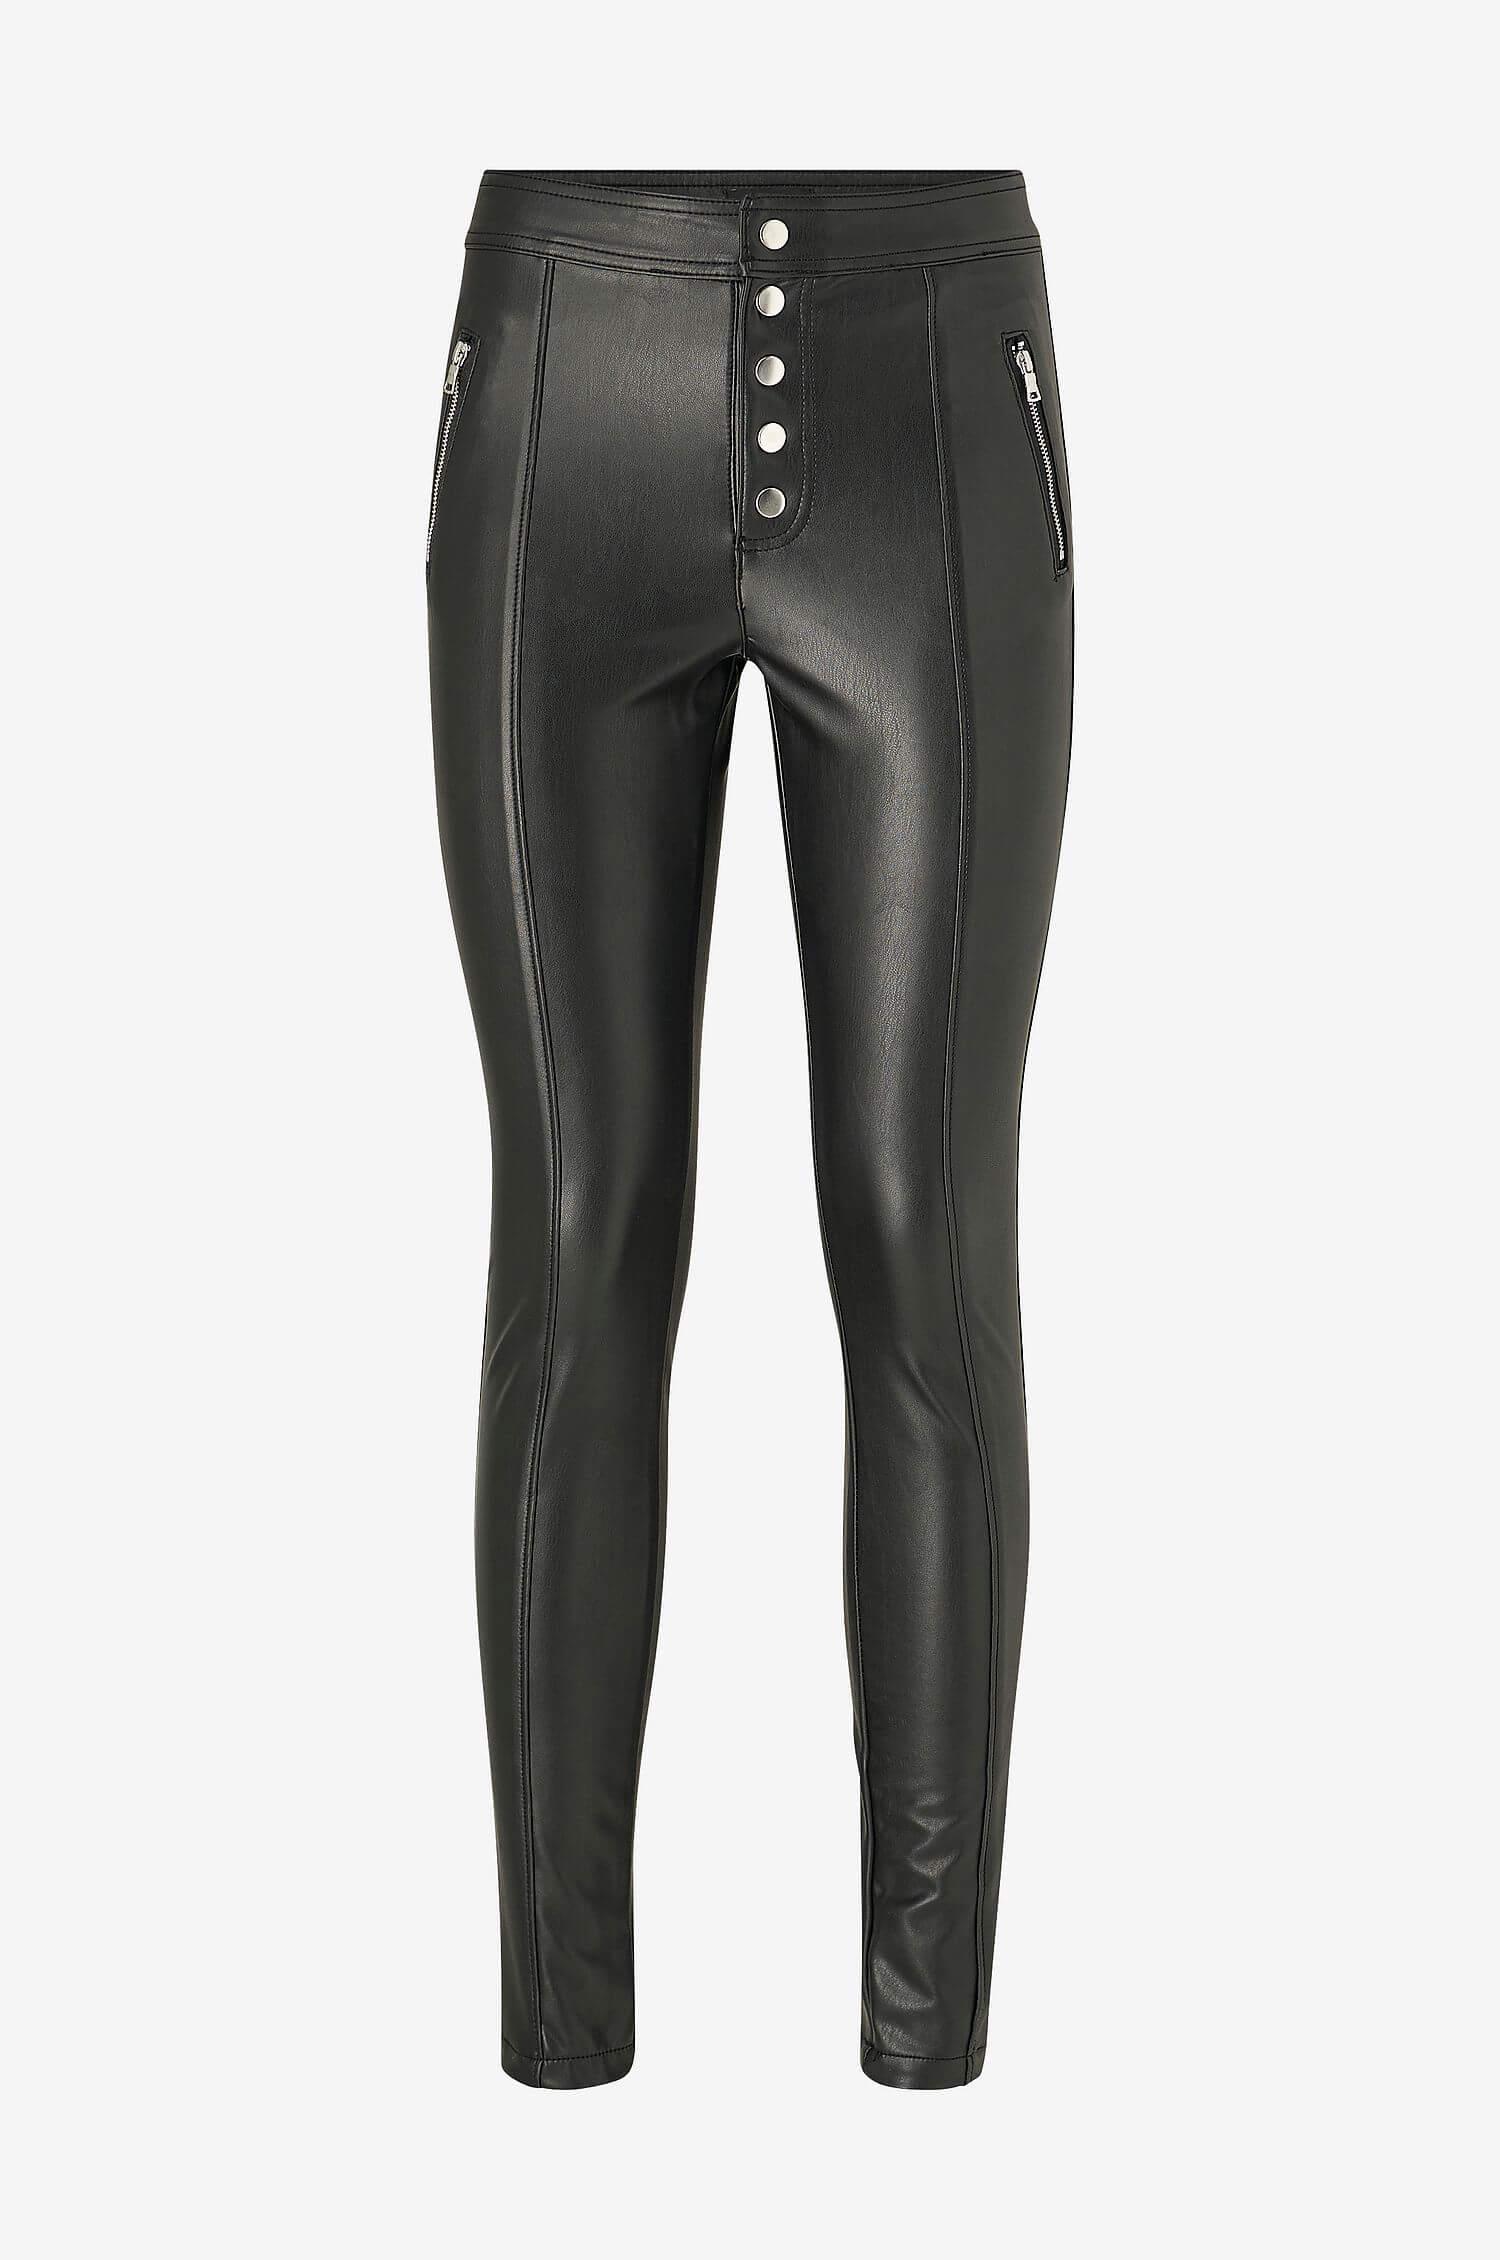 Svarta tighta skinnbyxor från Only med synliga silverknappar och dragkedjor.